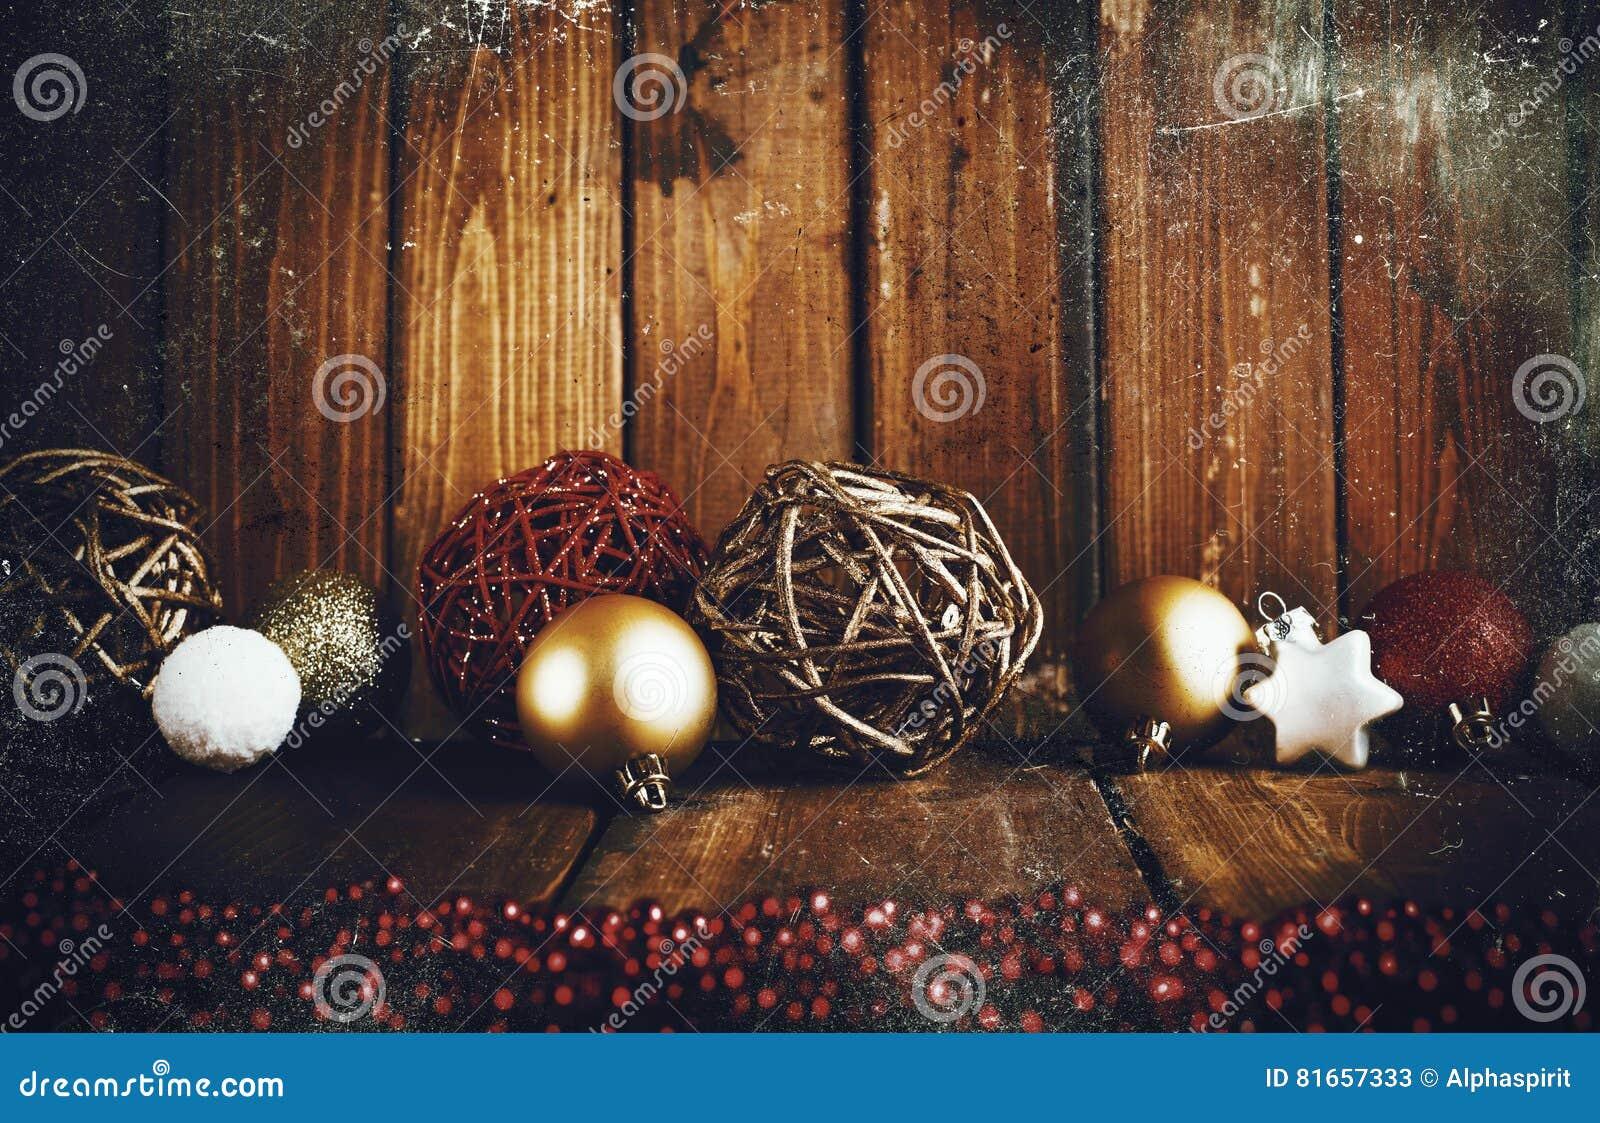 Xmas grunge decoration background stock image image 81657333 - Grune dekoration ...